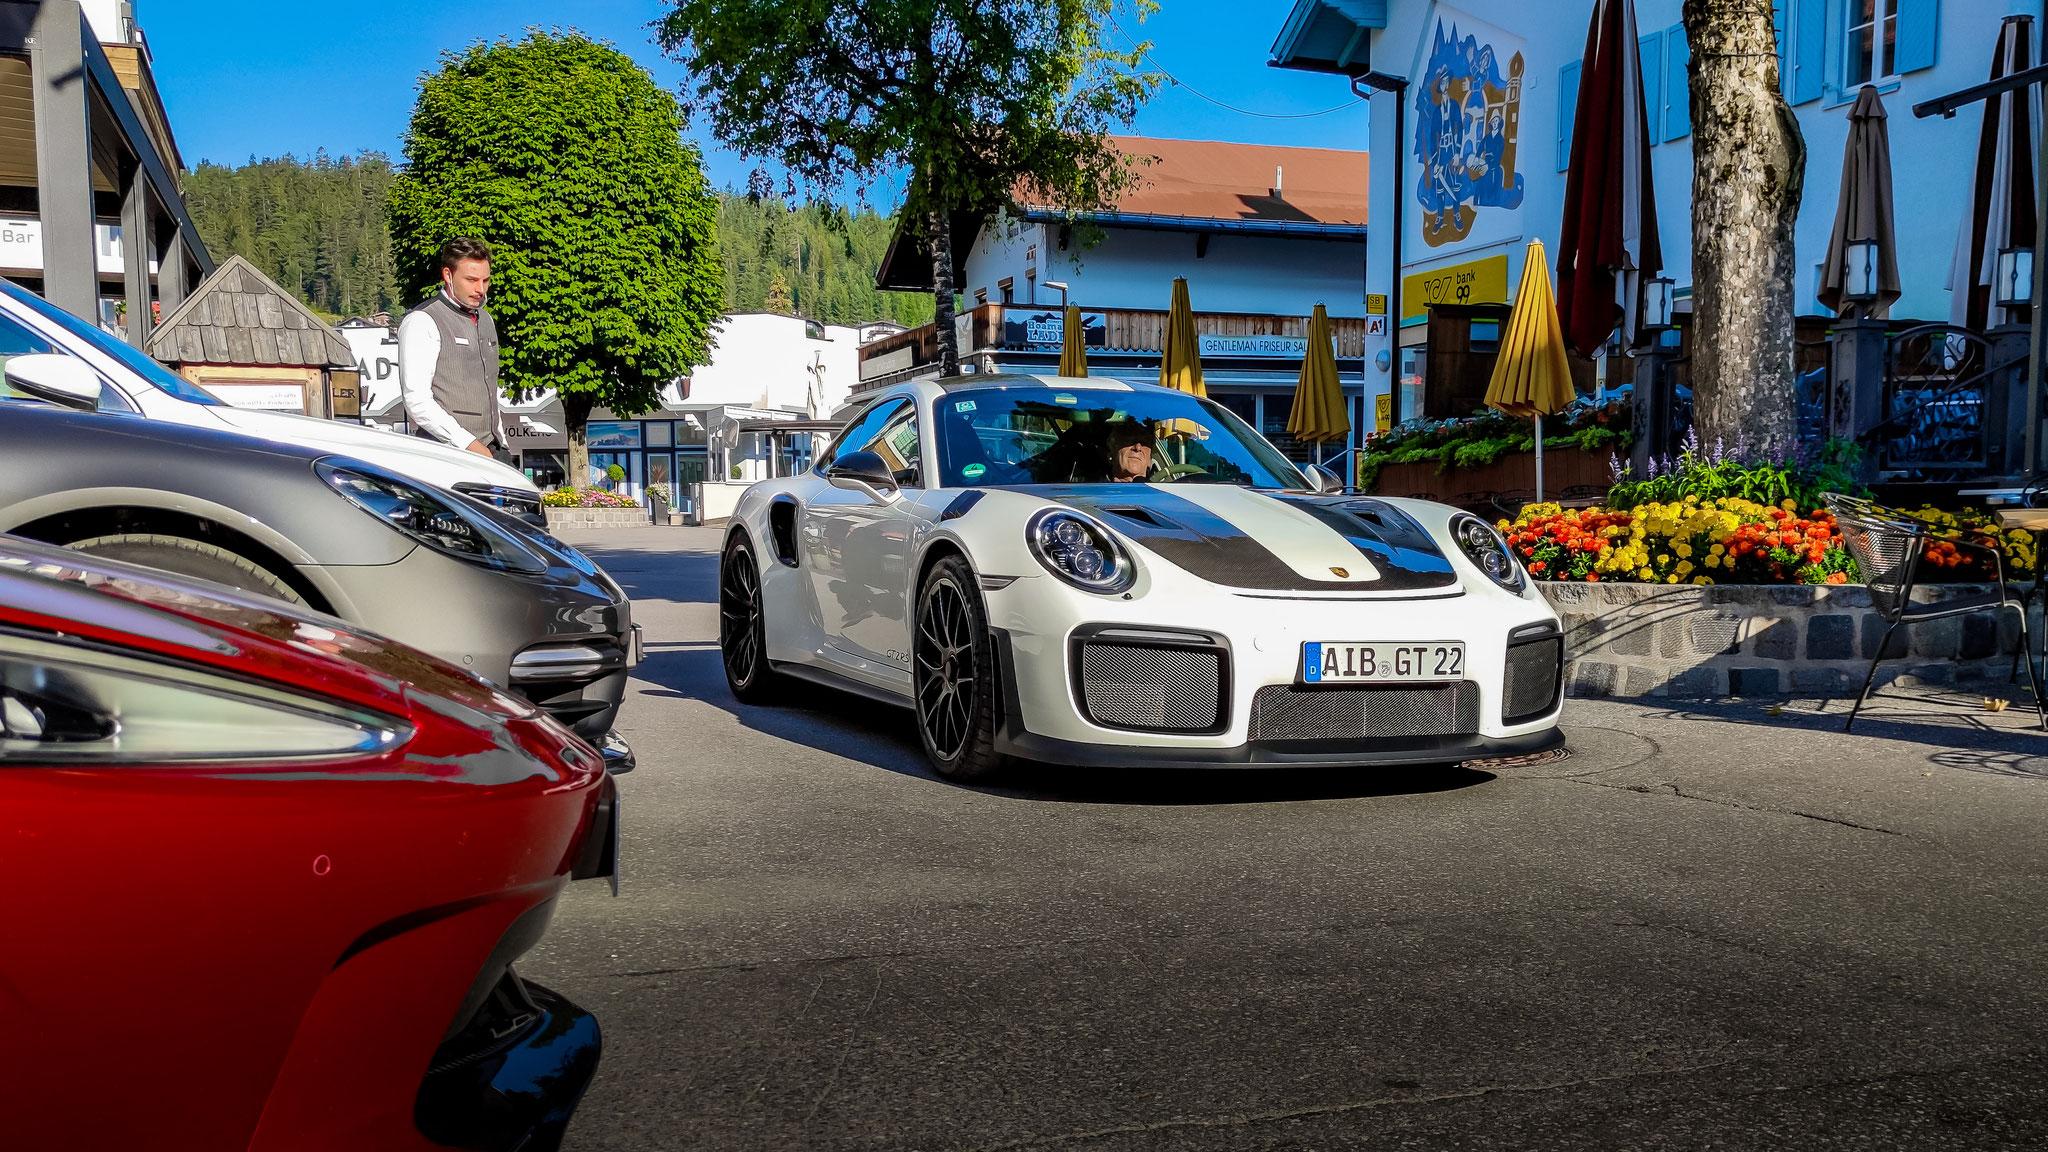 Porsche GT2 RS - AIB-GT-22